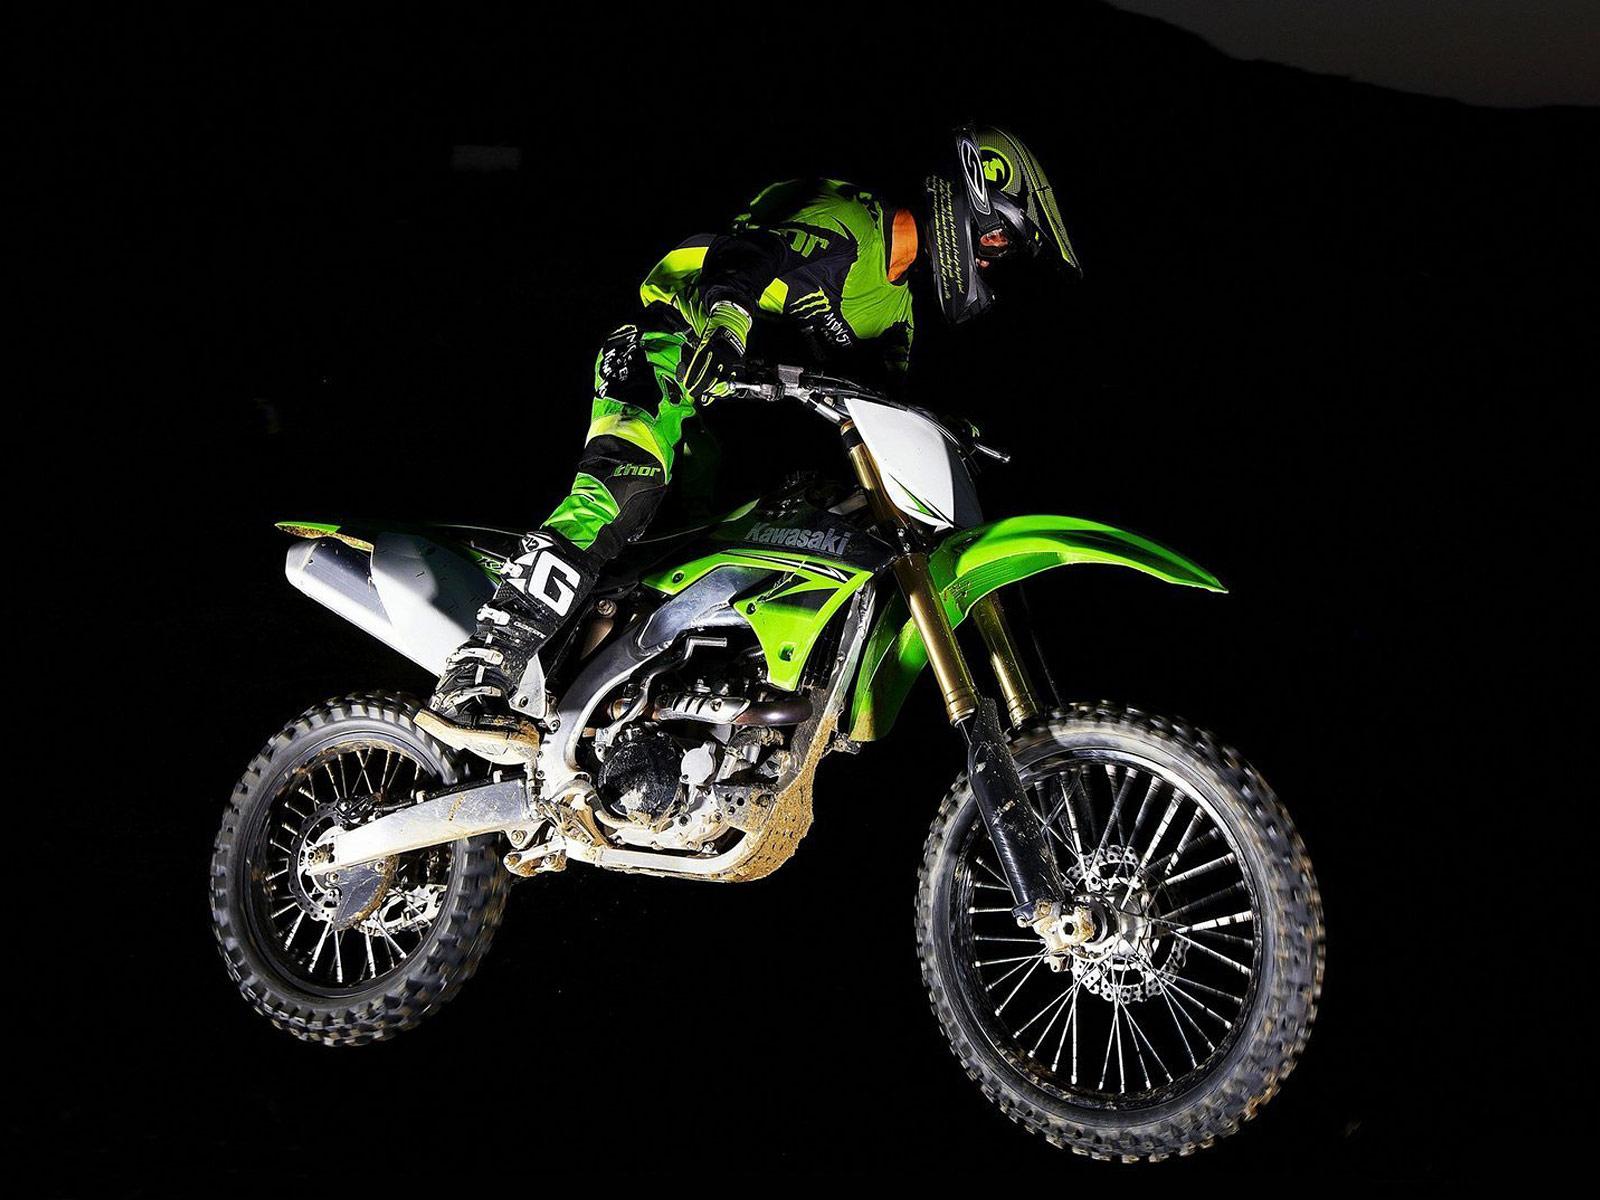 http://3.bp.blogspot.com/_St8PvhYLC4c/S8yOT7ctRdI/AAAAAAAACHc/uRe5gnDC46g/s1600/Kawasaki_KX450F-Monster-Energy_2010_7.jpg